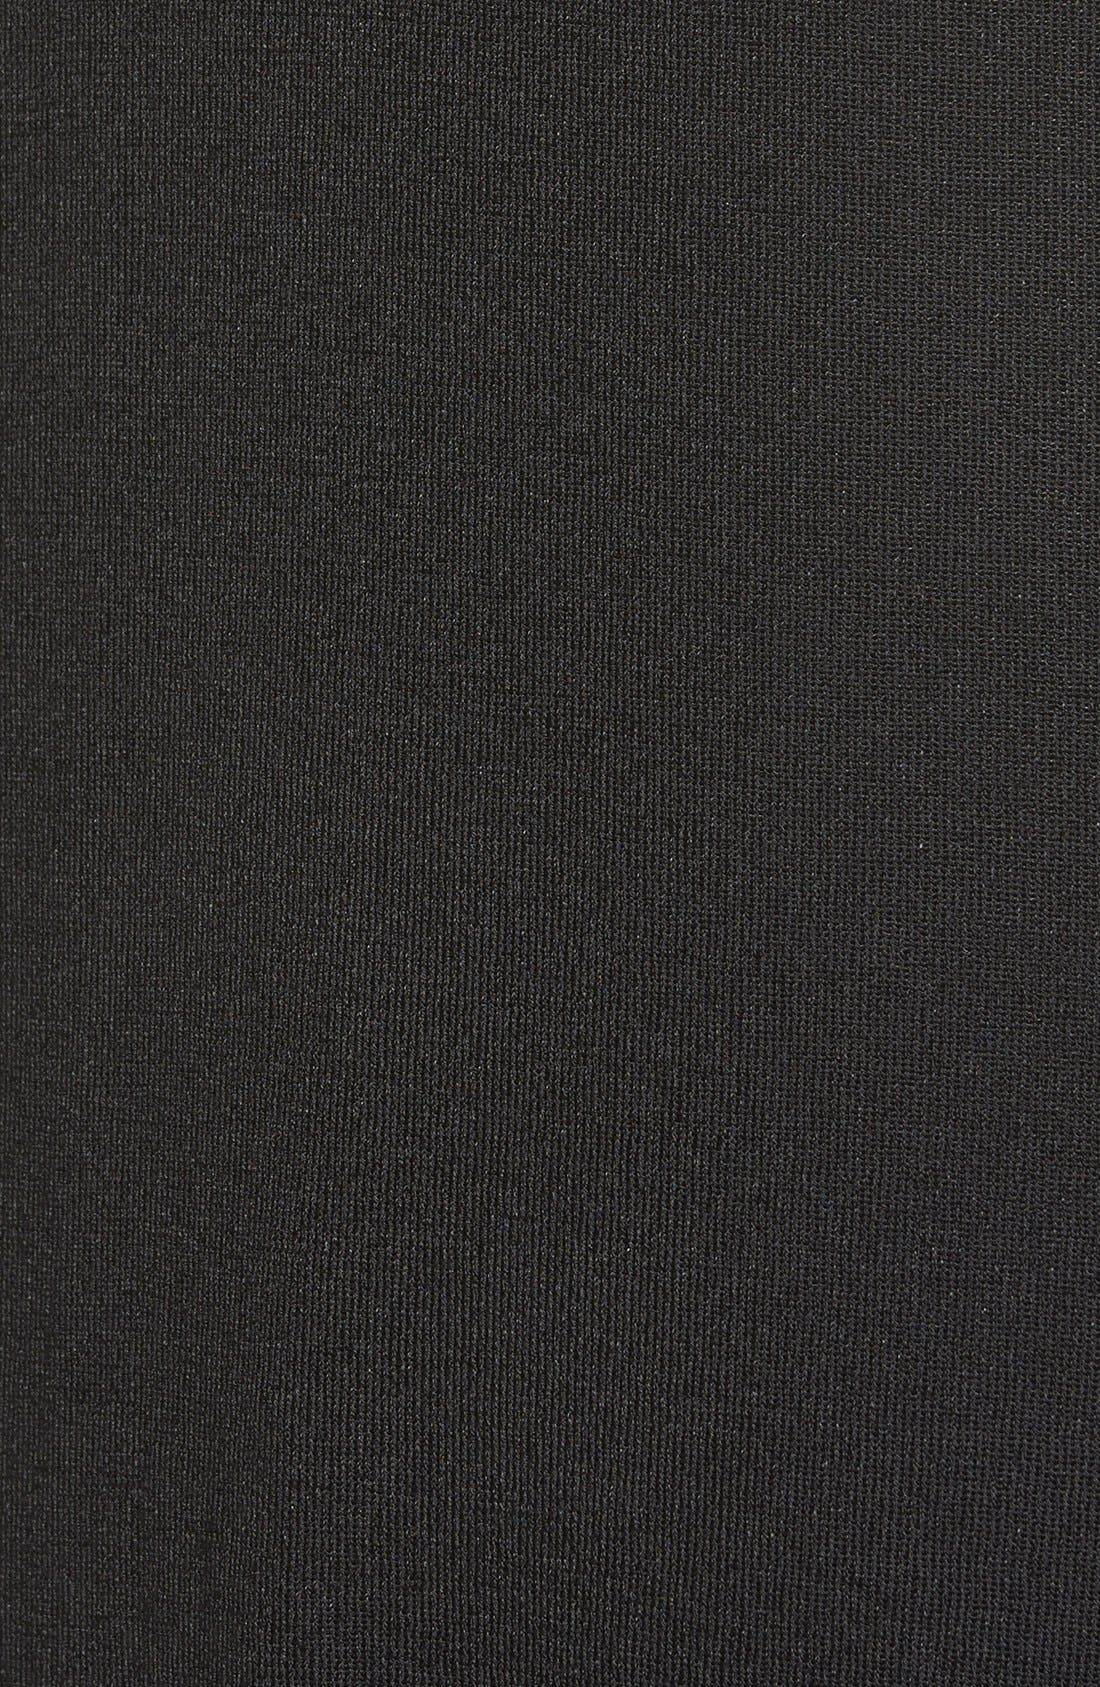 Alternate Image 3  - Eileen Fisher ShimmerV-NeckTunic (Regular & Petite)